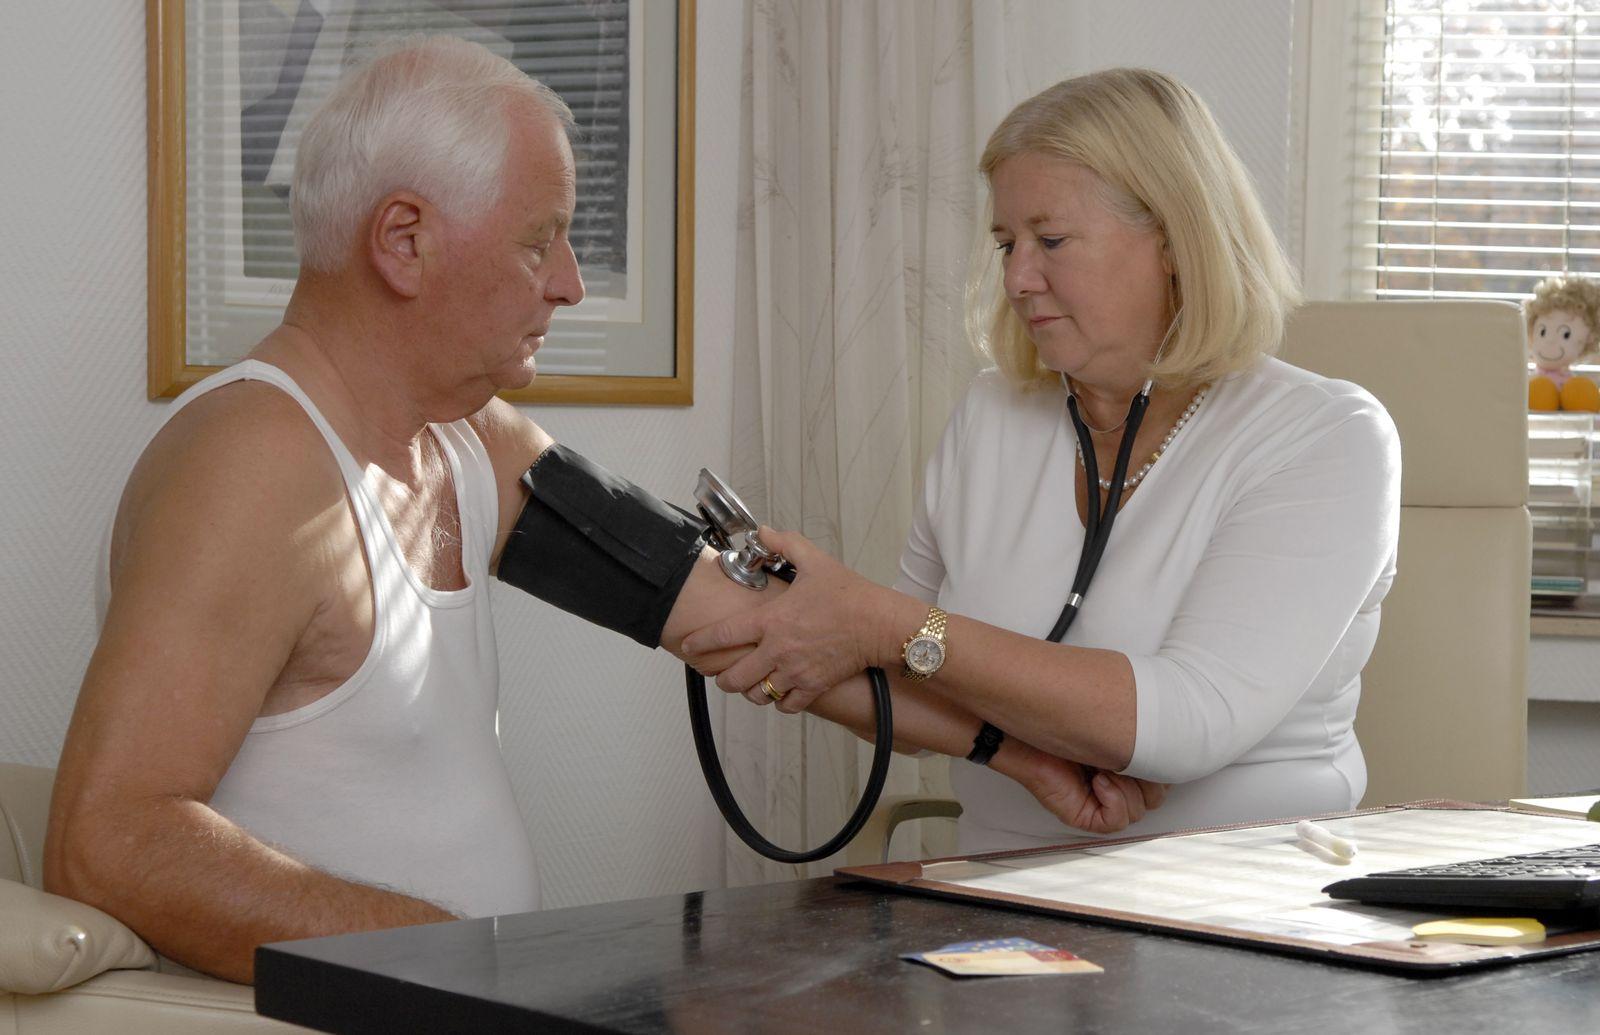 Niederländer schätzen deutsche Gesundheitsversorgung